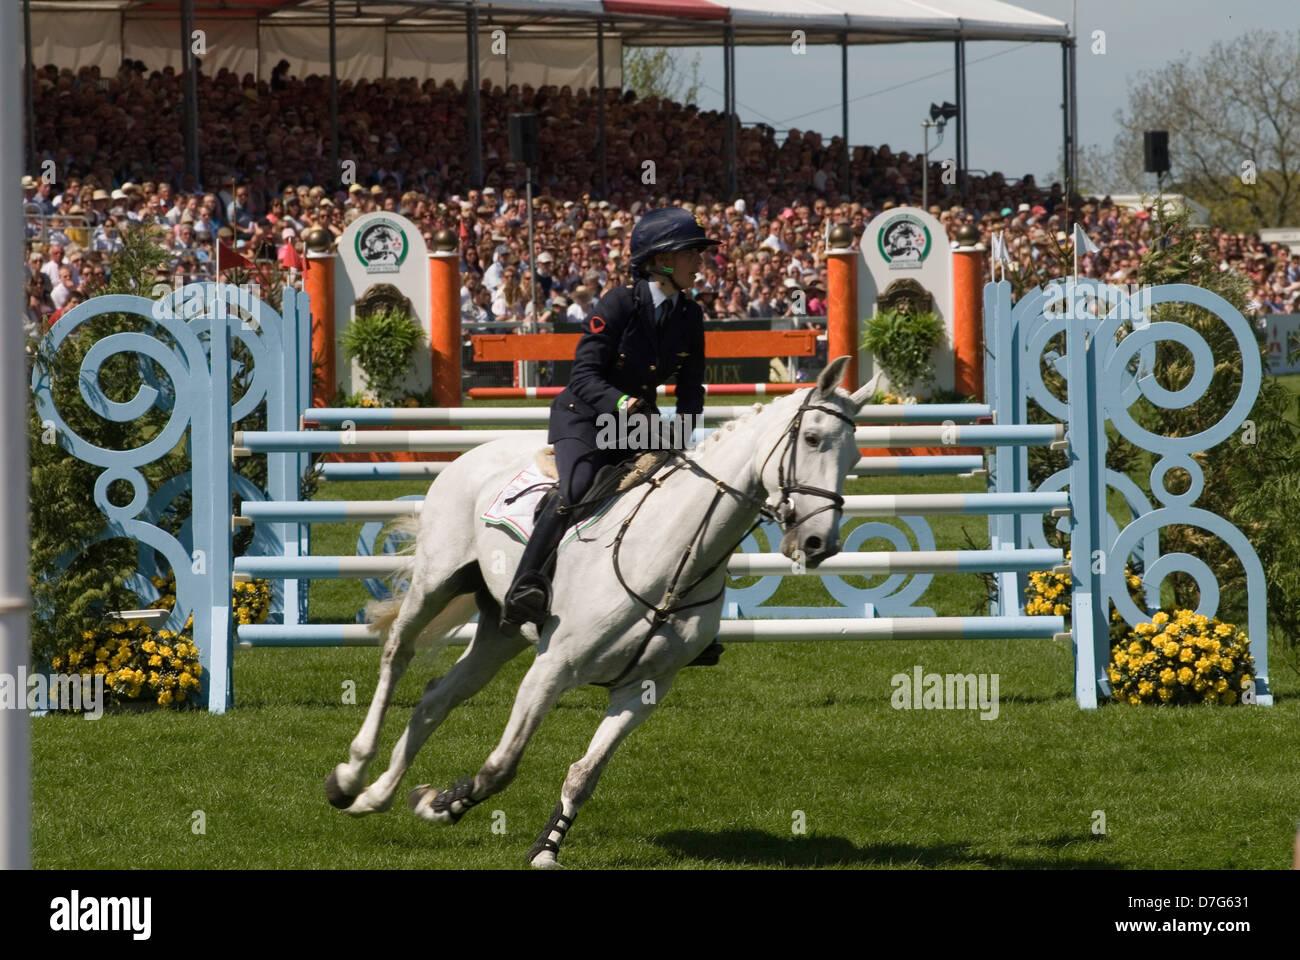 Badminton Horse Trials GLOUCESTERSHIRE REGNO UNITO. Spettatori assistere allo show jumping nel main arena. HOMER Immagini Stock